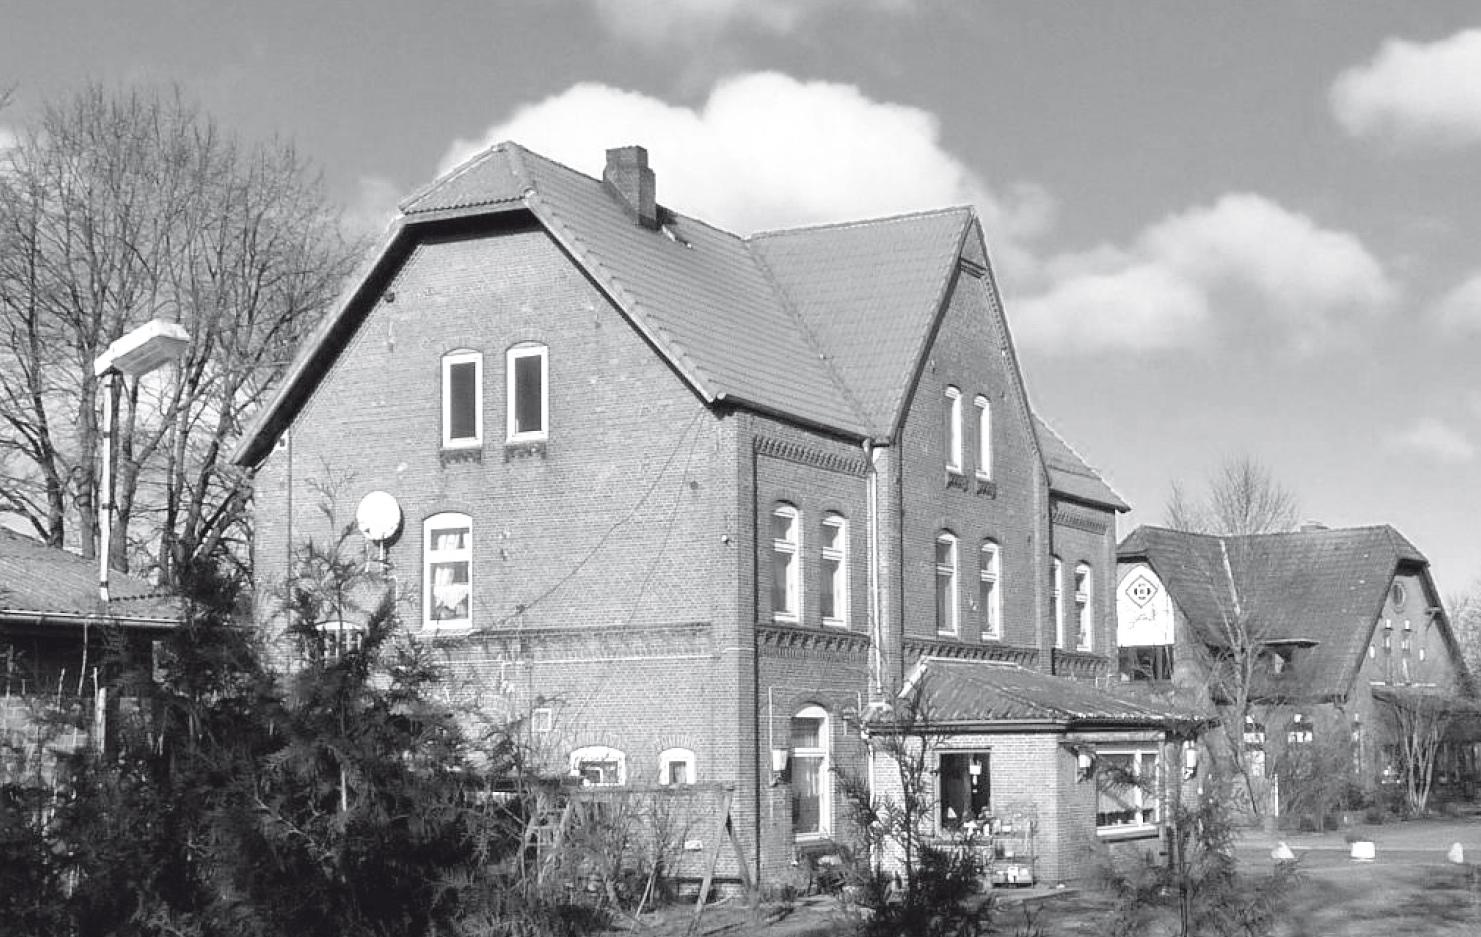 dorf_bilder/Chronik-Hennstedt-260-2.jpg